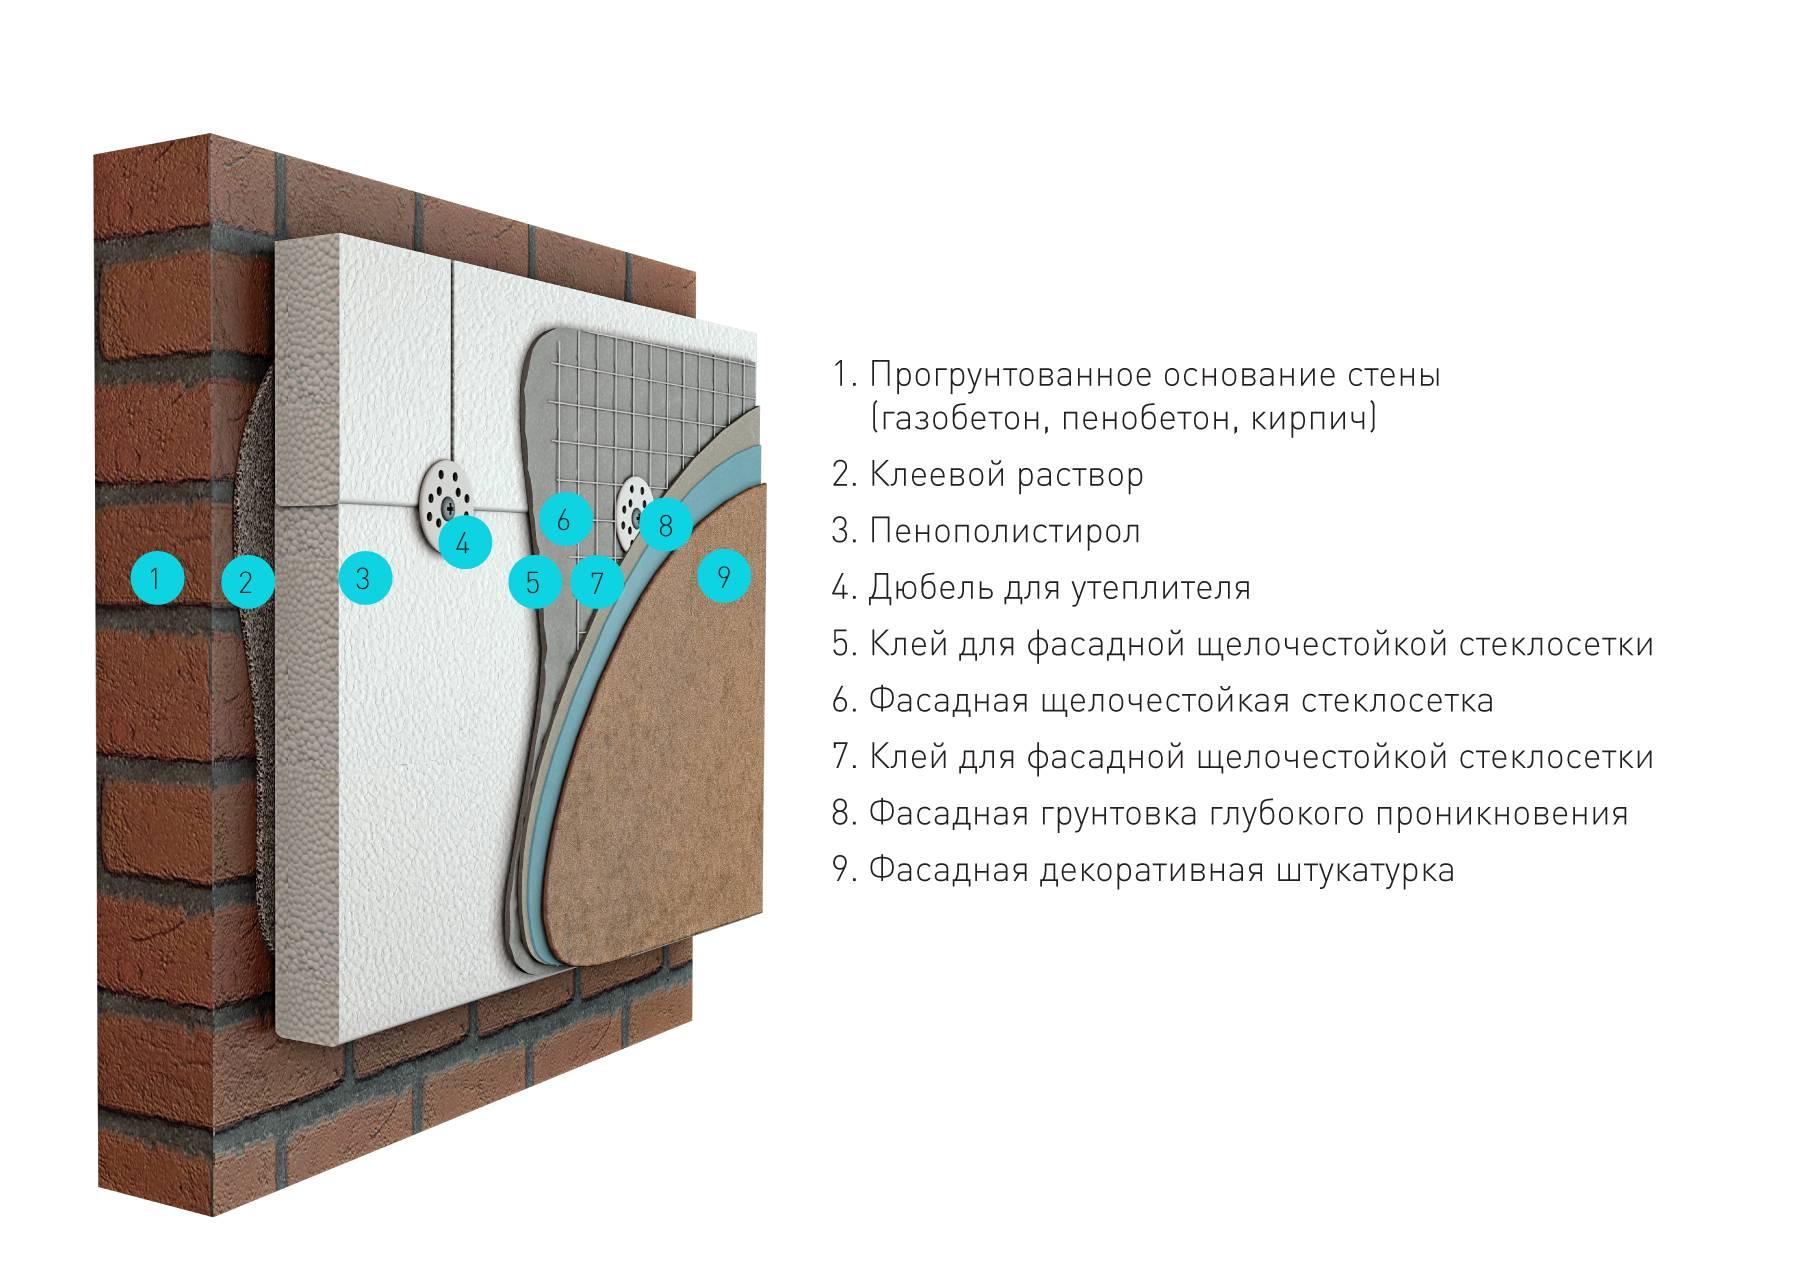 Утепление фасада дома пенопластом снаружи: технология, пошаговая инструкция (фото+видео)